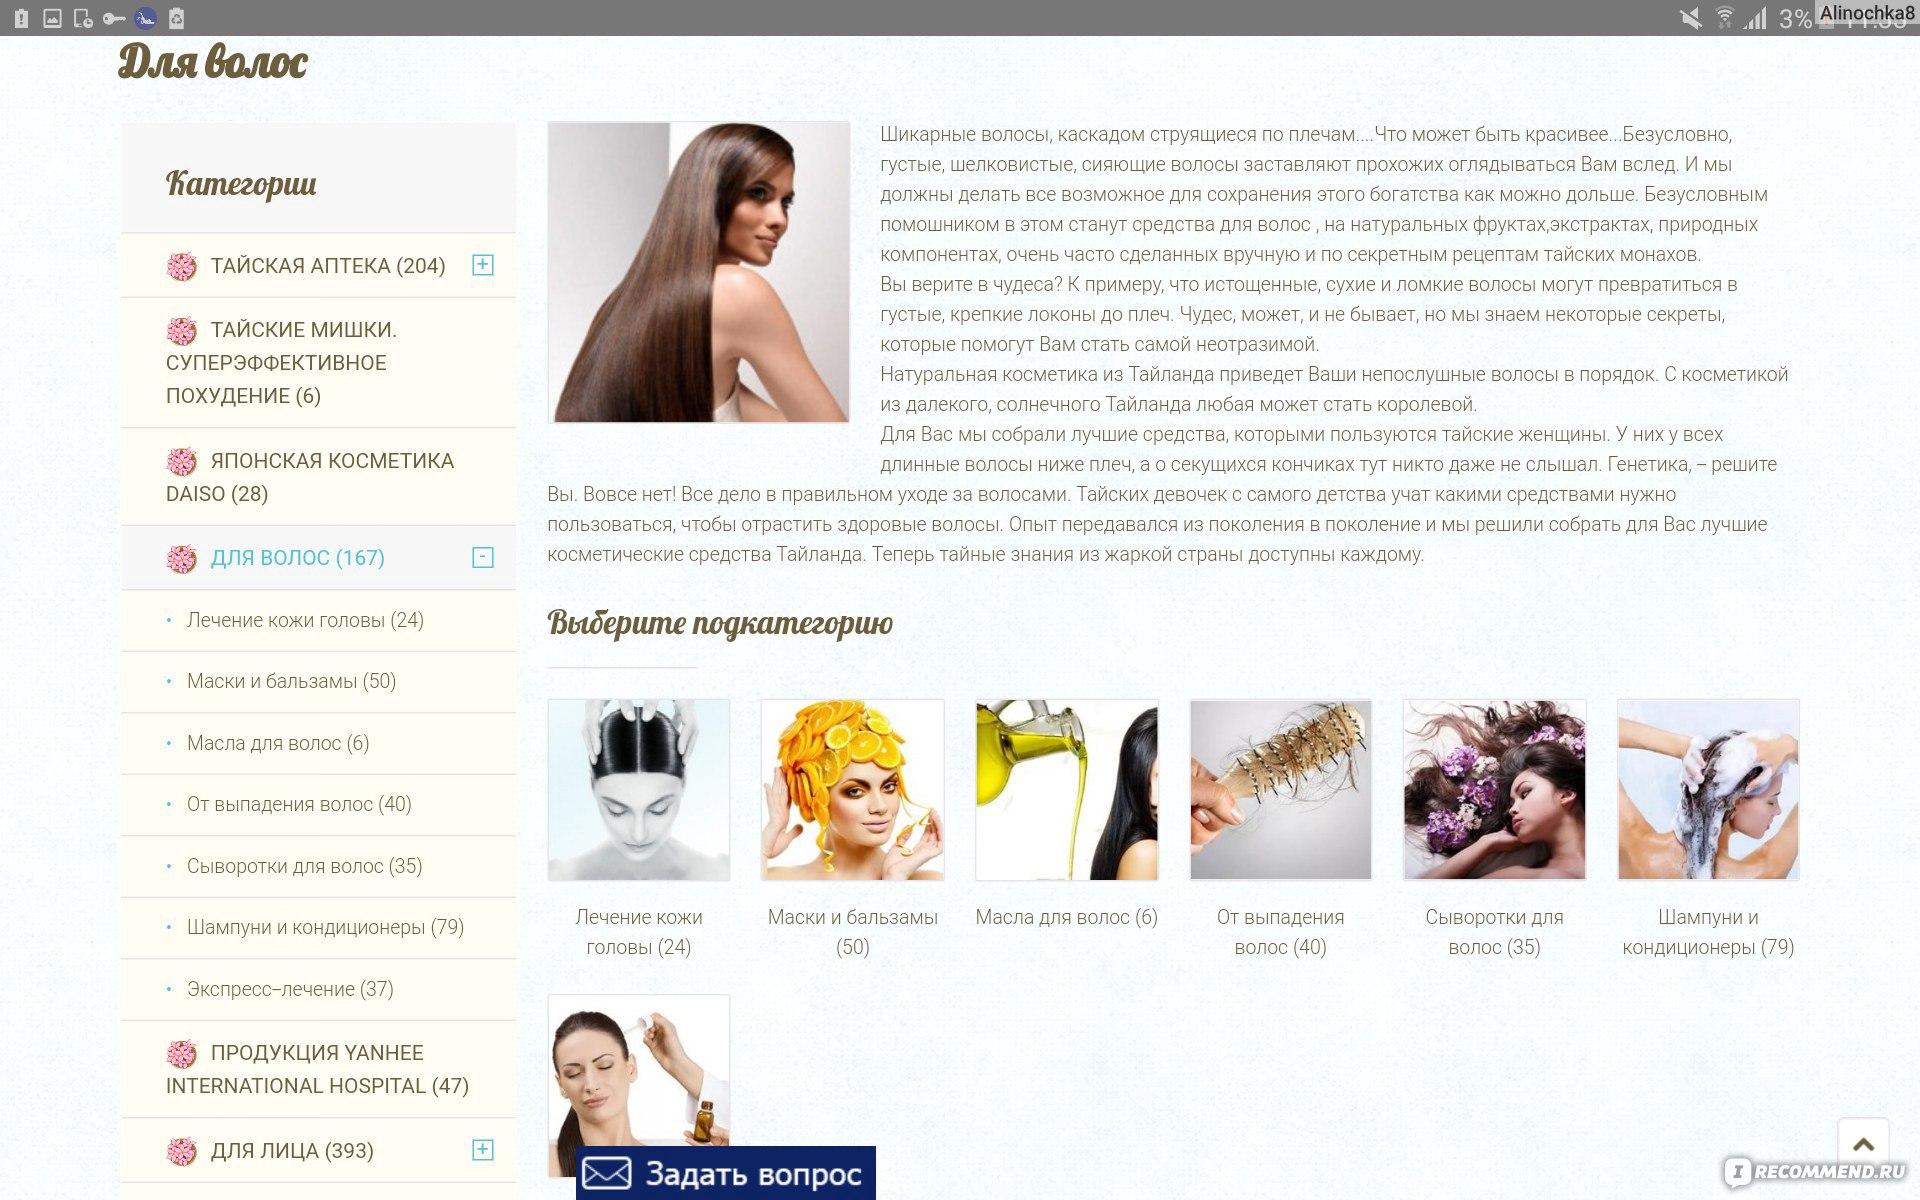 Дискаунтер косметика интернет магазин